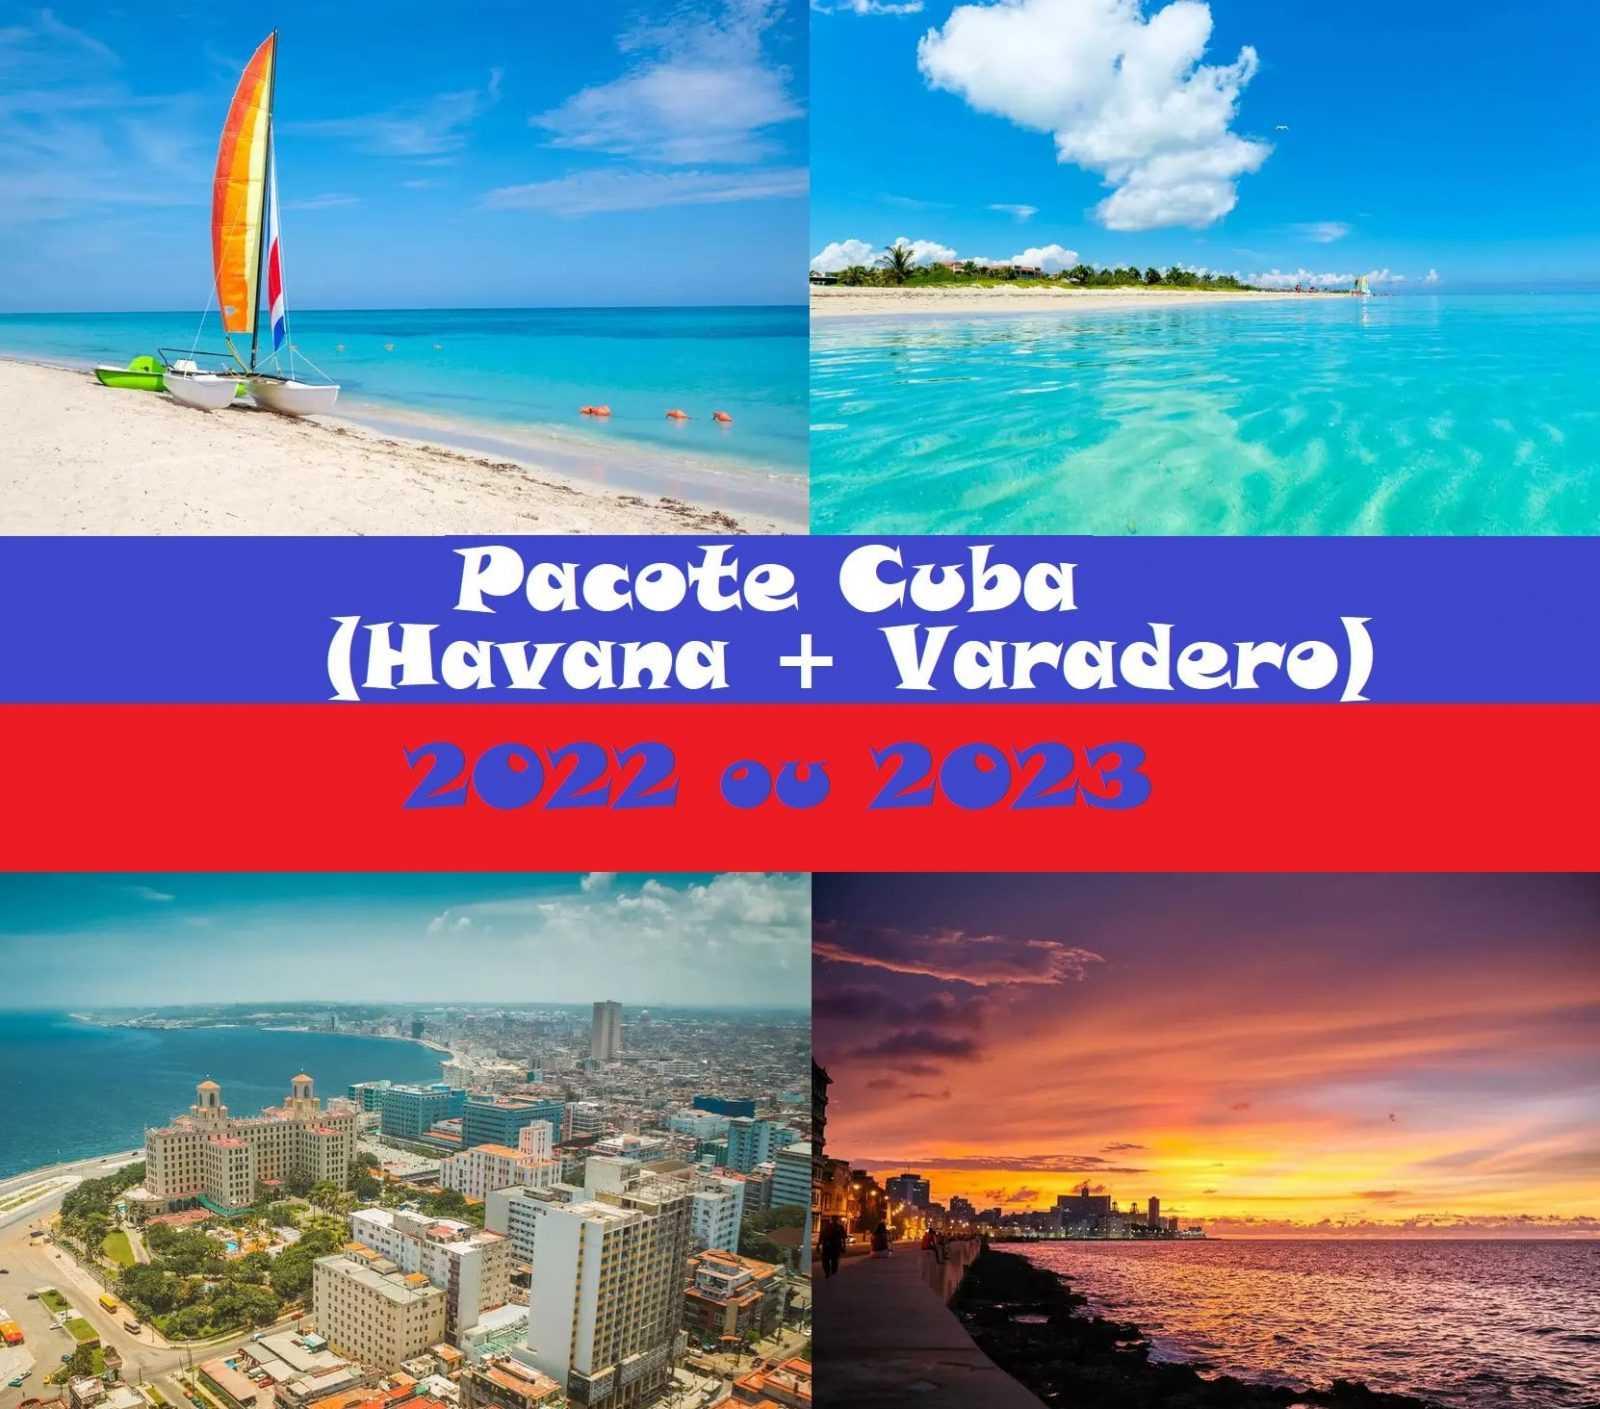 Pacote Cuba  Havana + Varadero  – 2022 e 2023